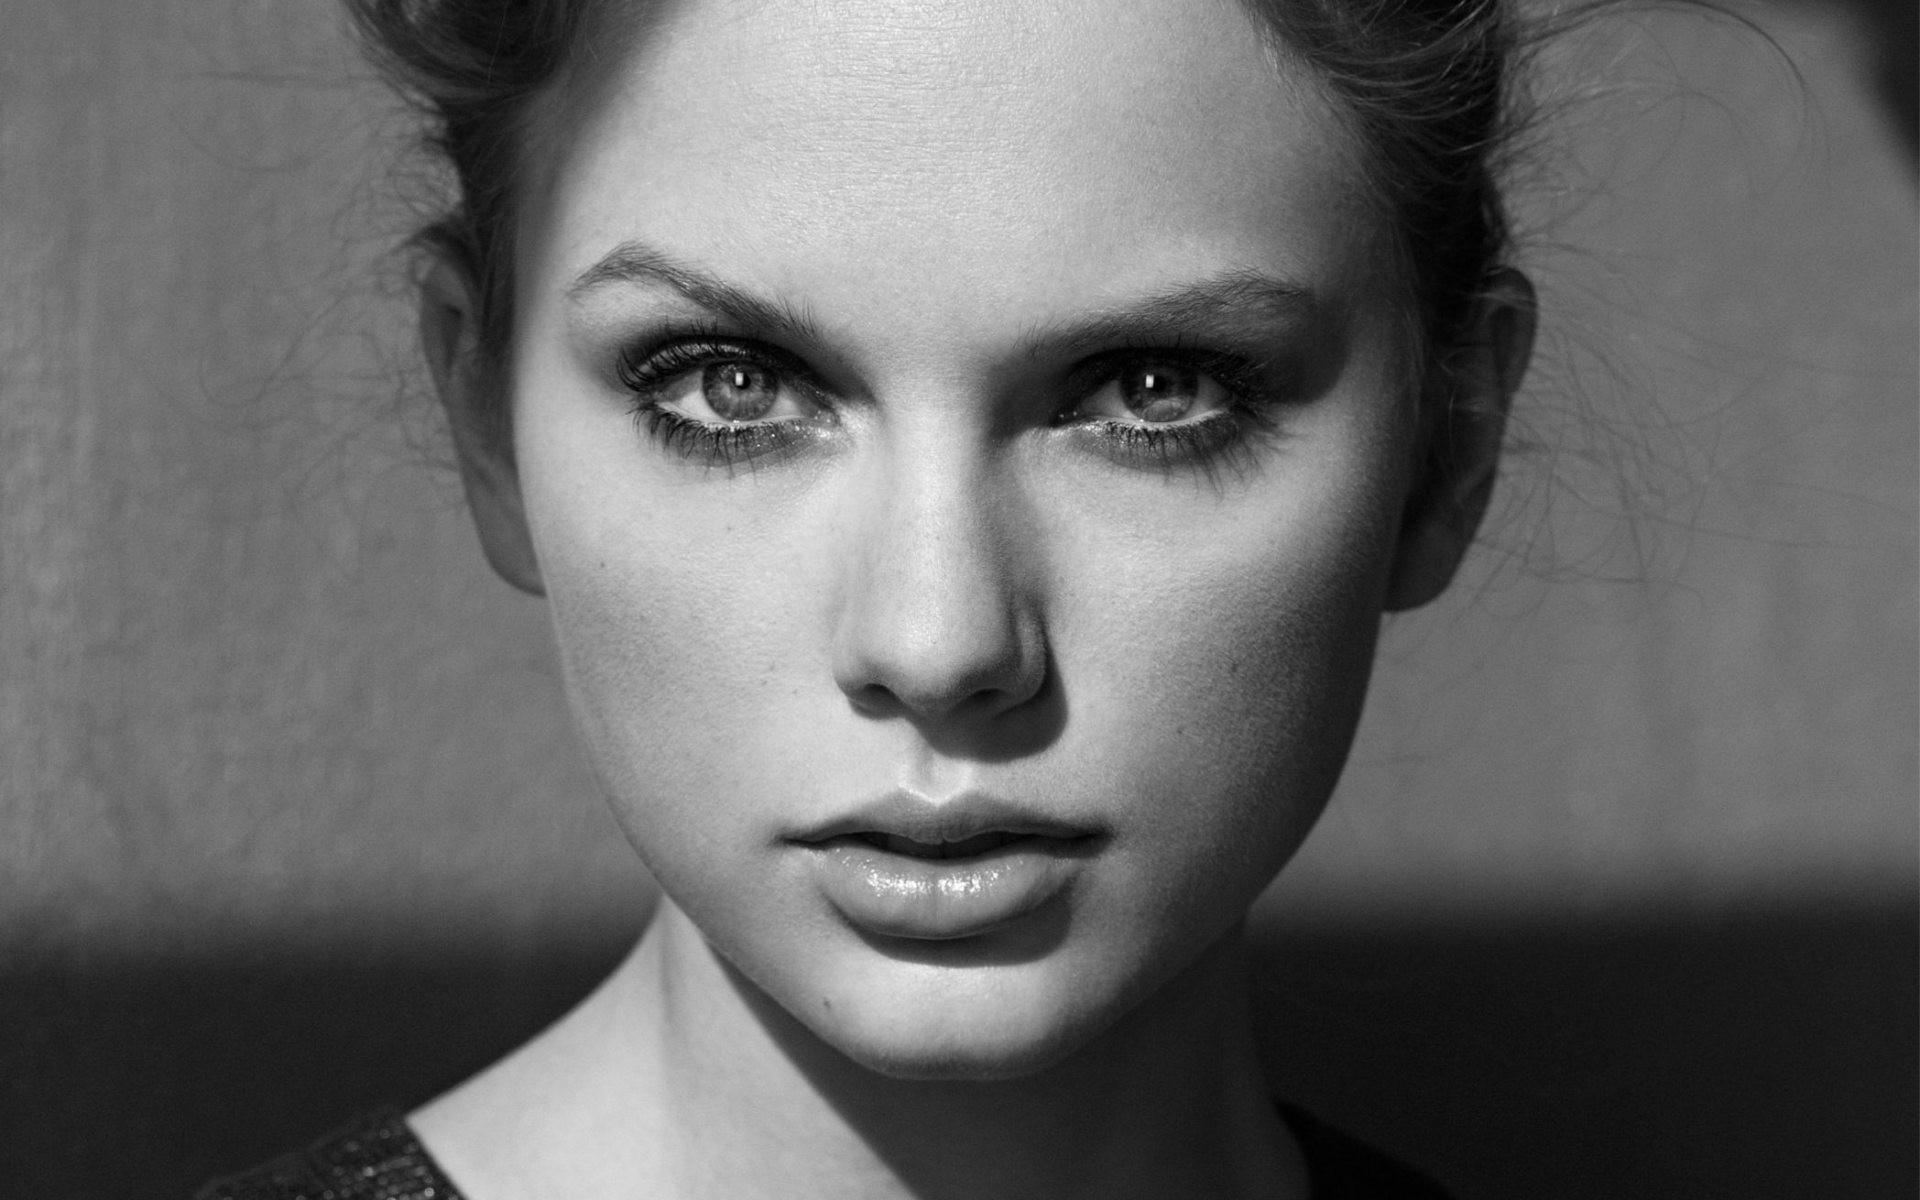 Картинки черно белые фотографии лица